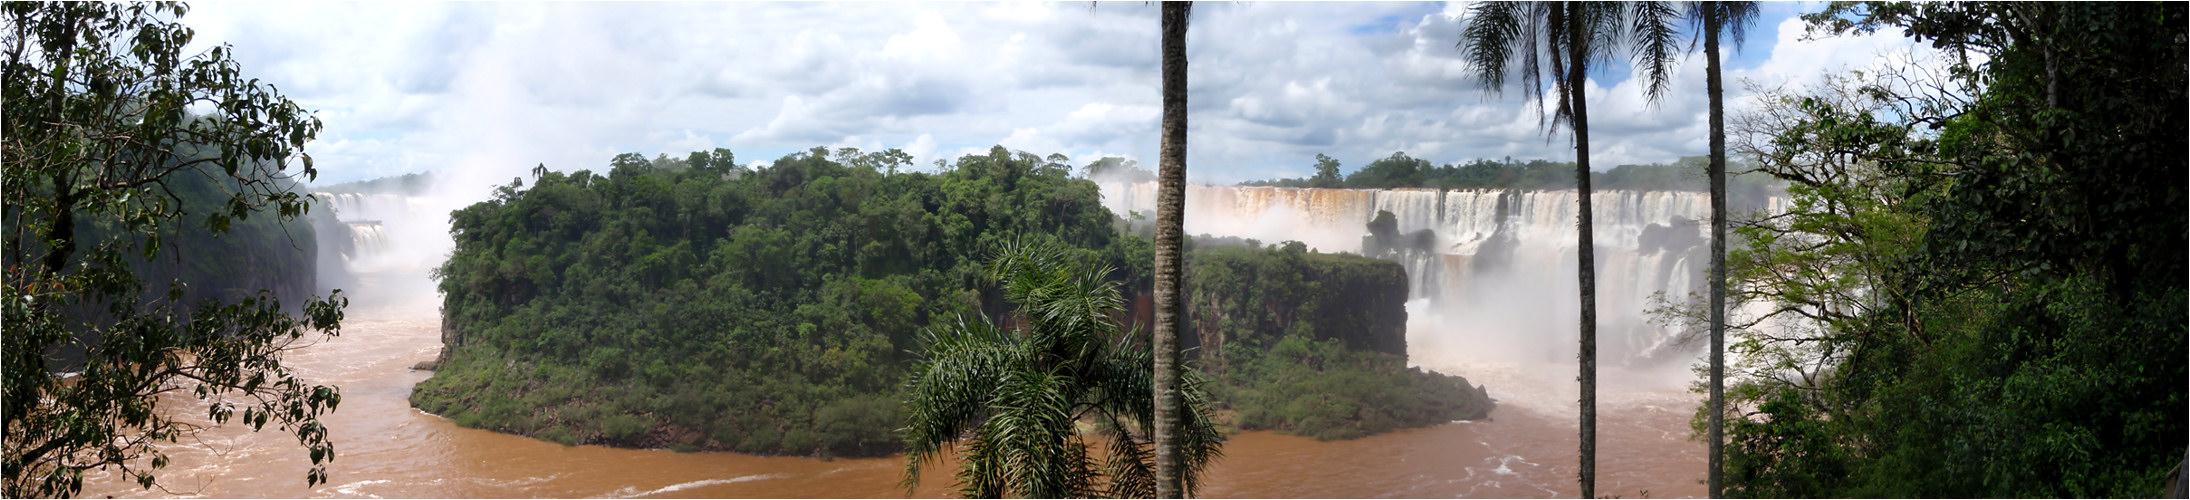 Iguazu - Versuch einer Gesamtansicht (Argentinien)